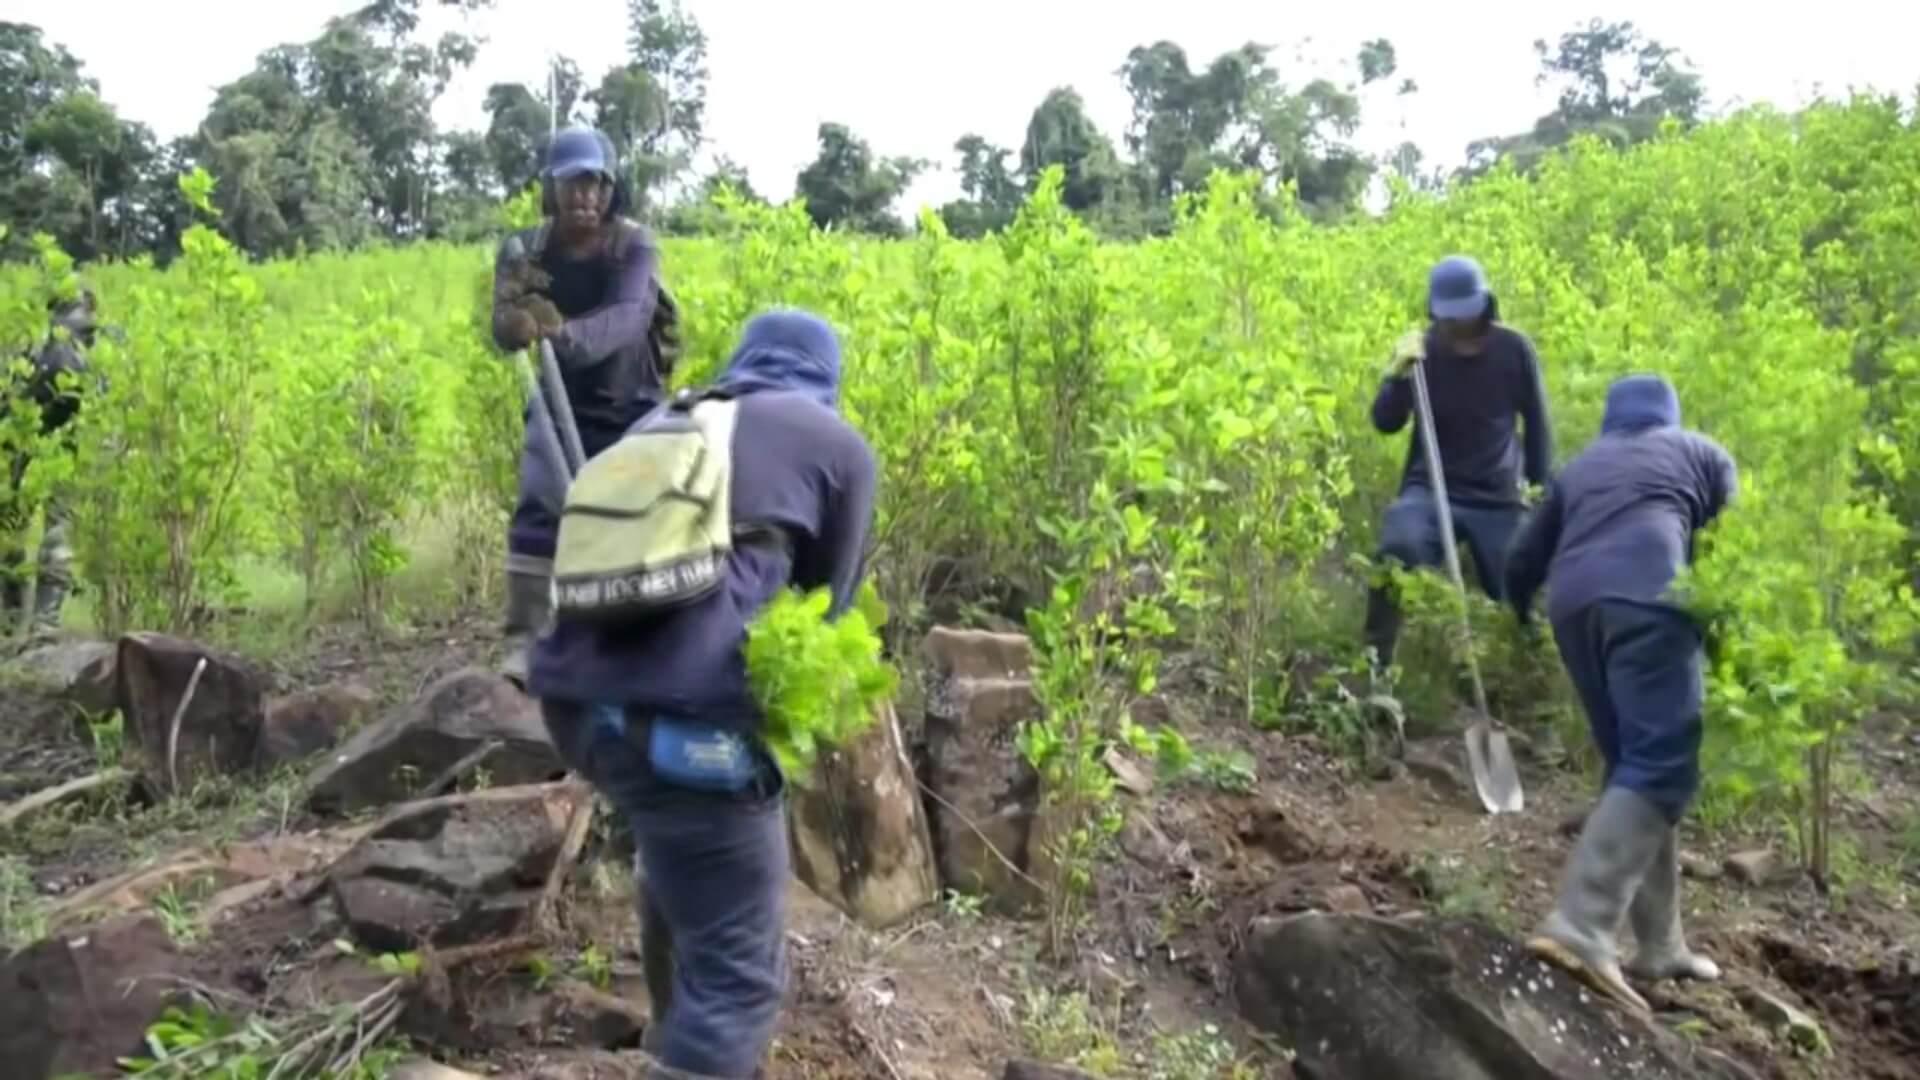 Cultivos de coca en Colombia bajaron 7 % en 2020: ONU